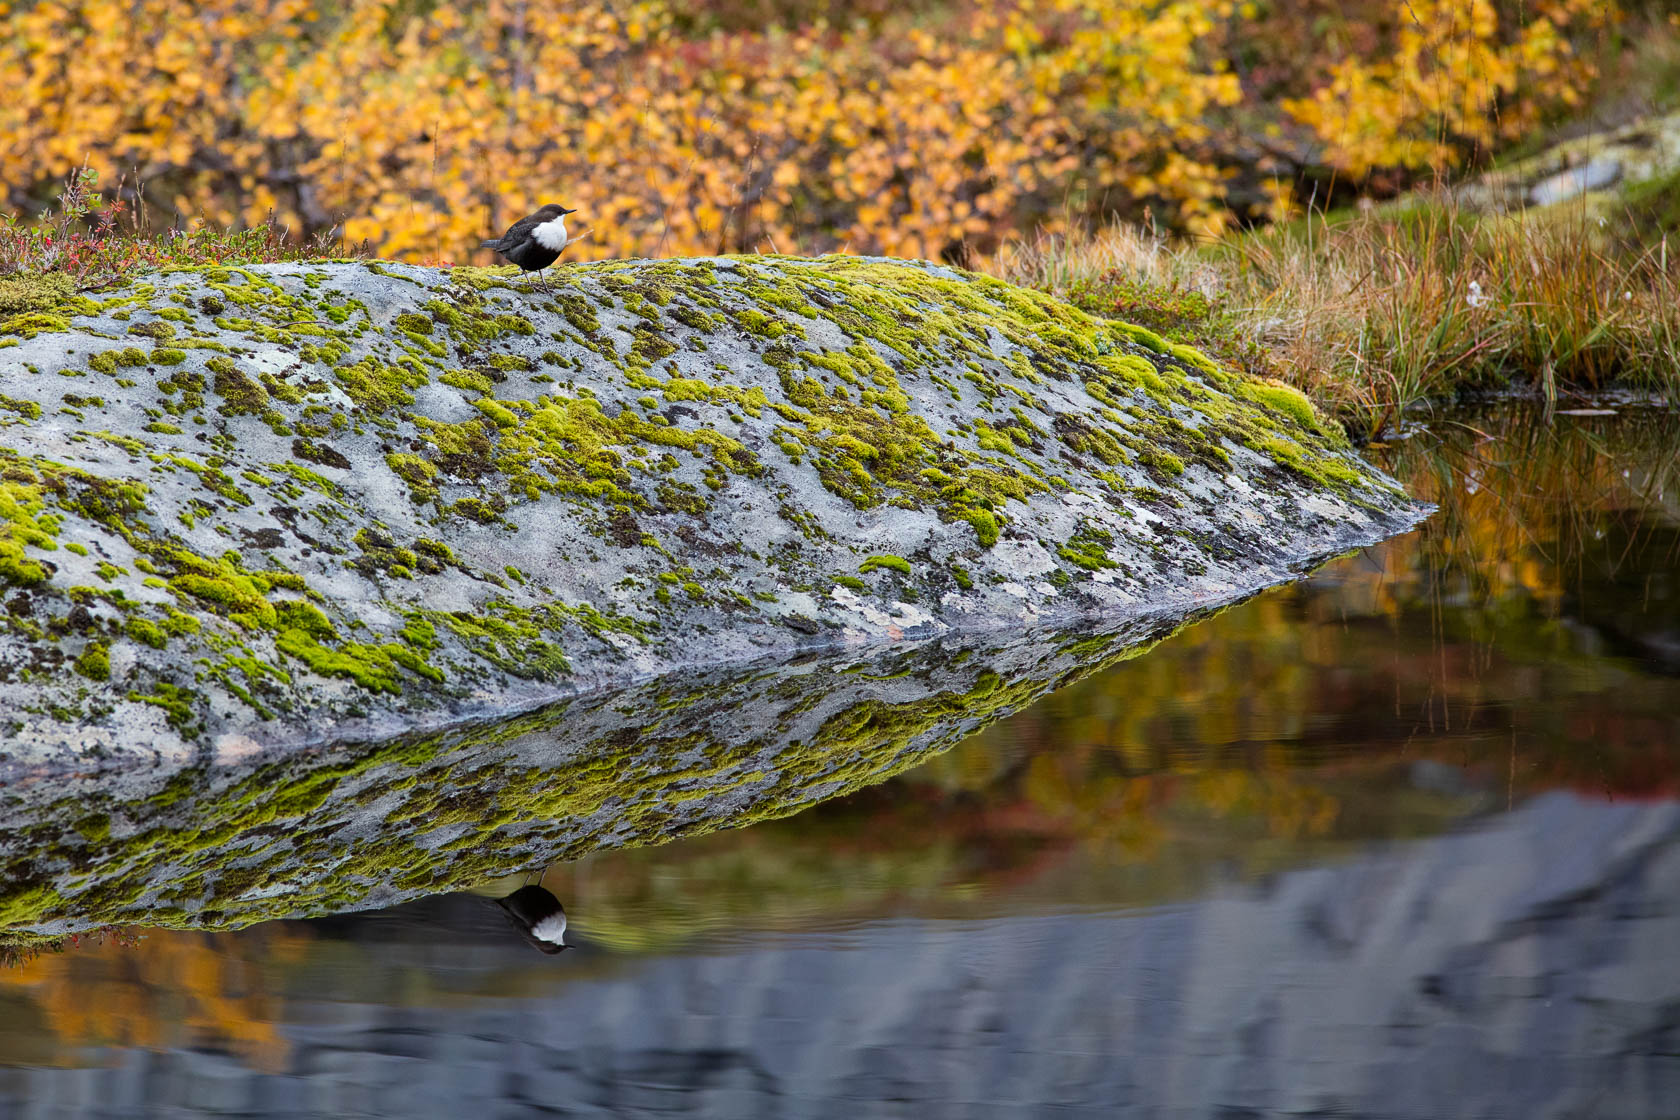 Cincle plongeur (Cinclus inclus) sur l'itinéraire de la randonnée de Munkebu, dans les îles Lofoten, en Norvège